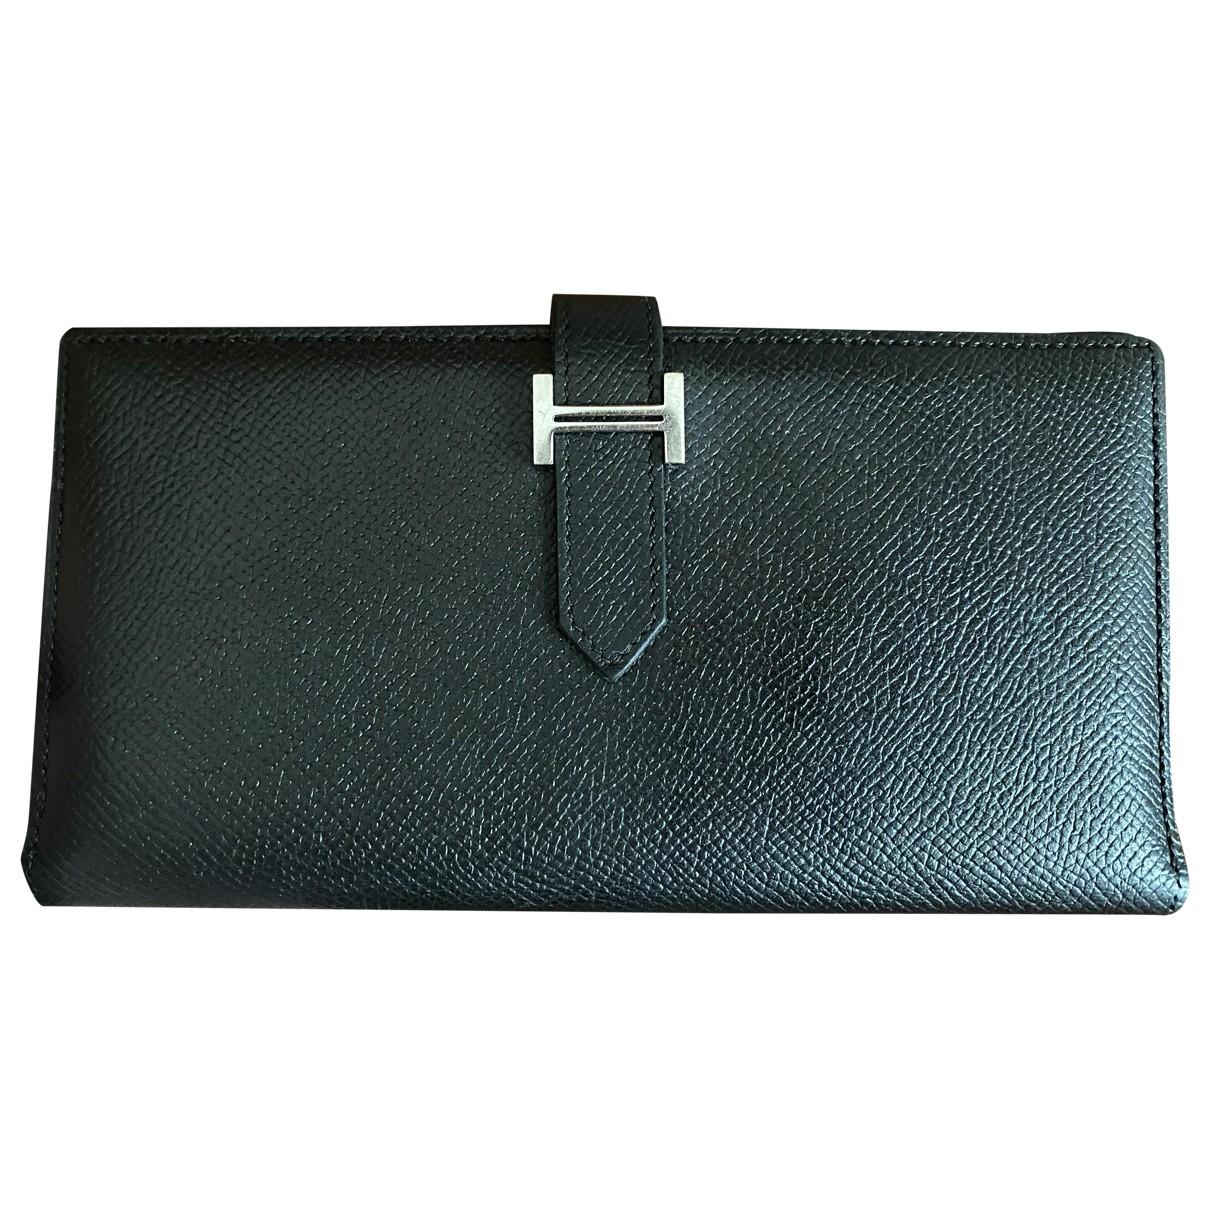 Hermes - Portefeuille Bearn pour femme en cuir - noir